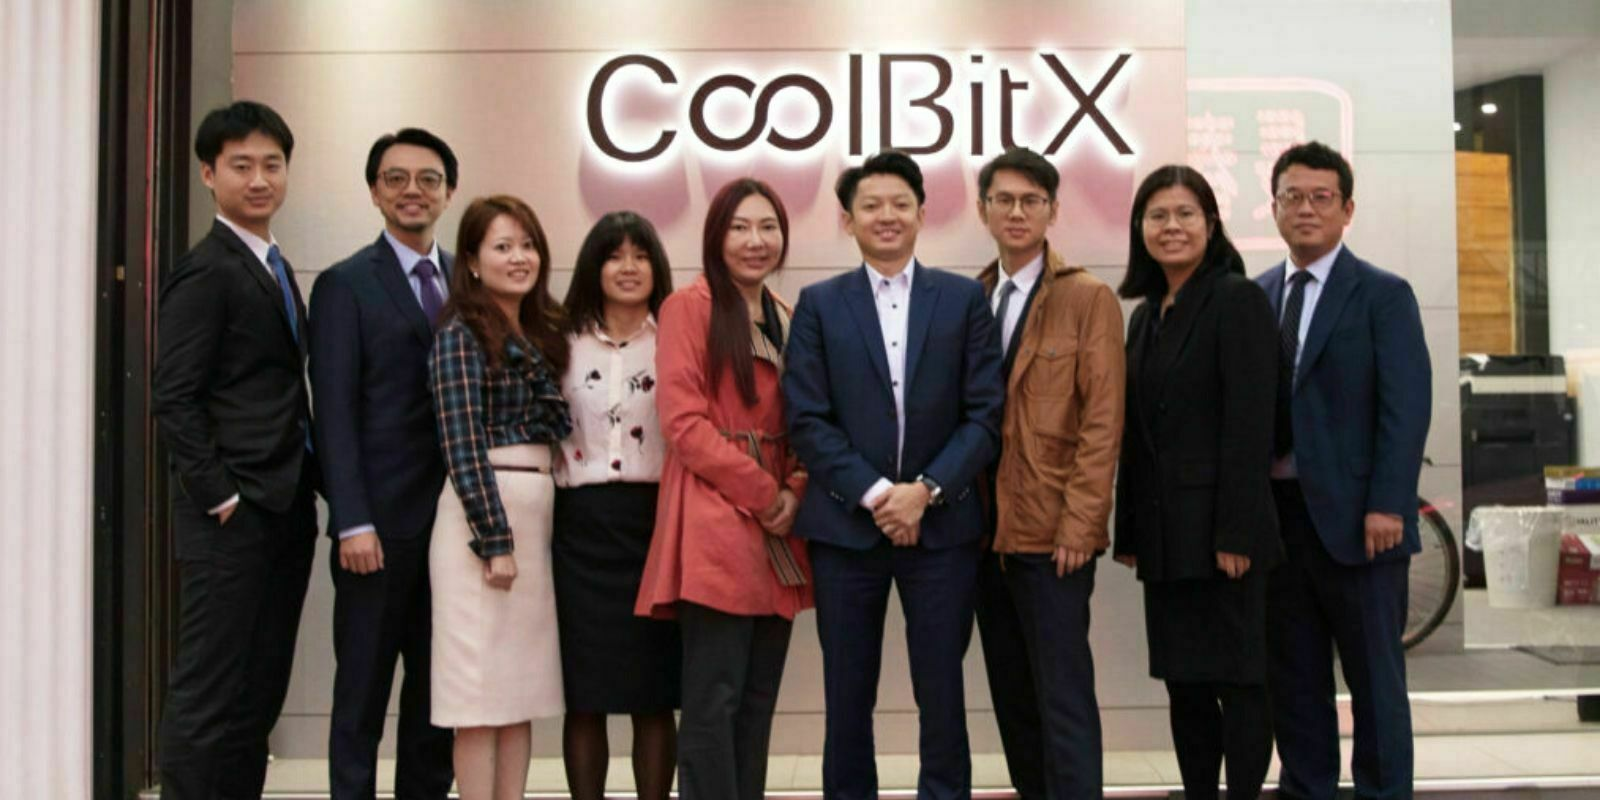 La startup CoolBitX fabriquant des crypto-wallets lève $16,75M